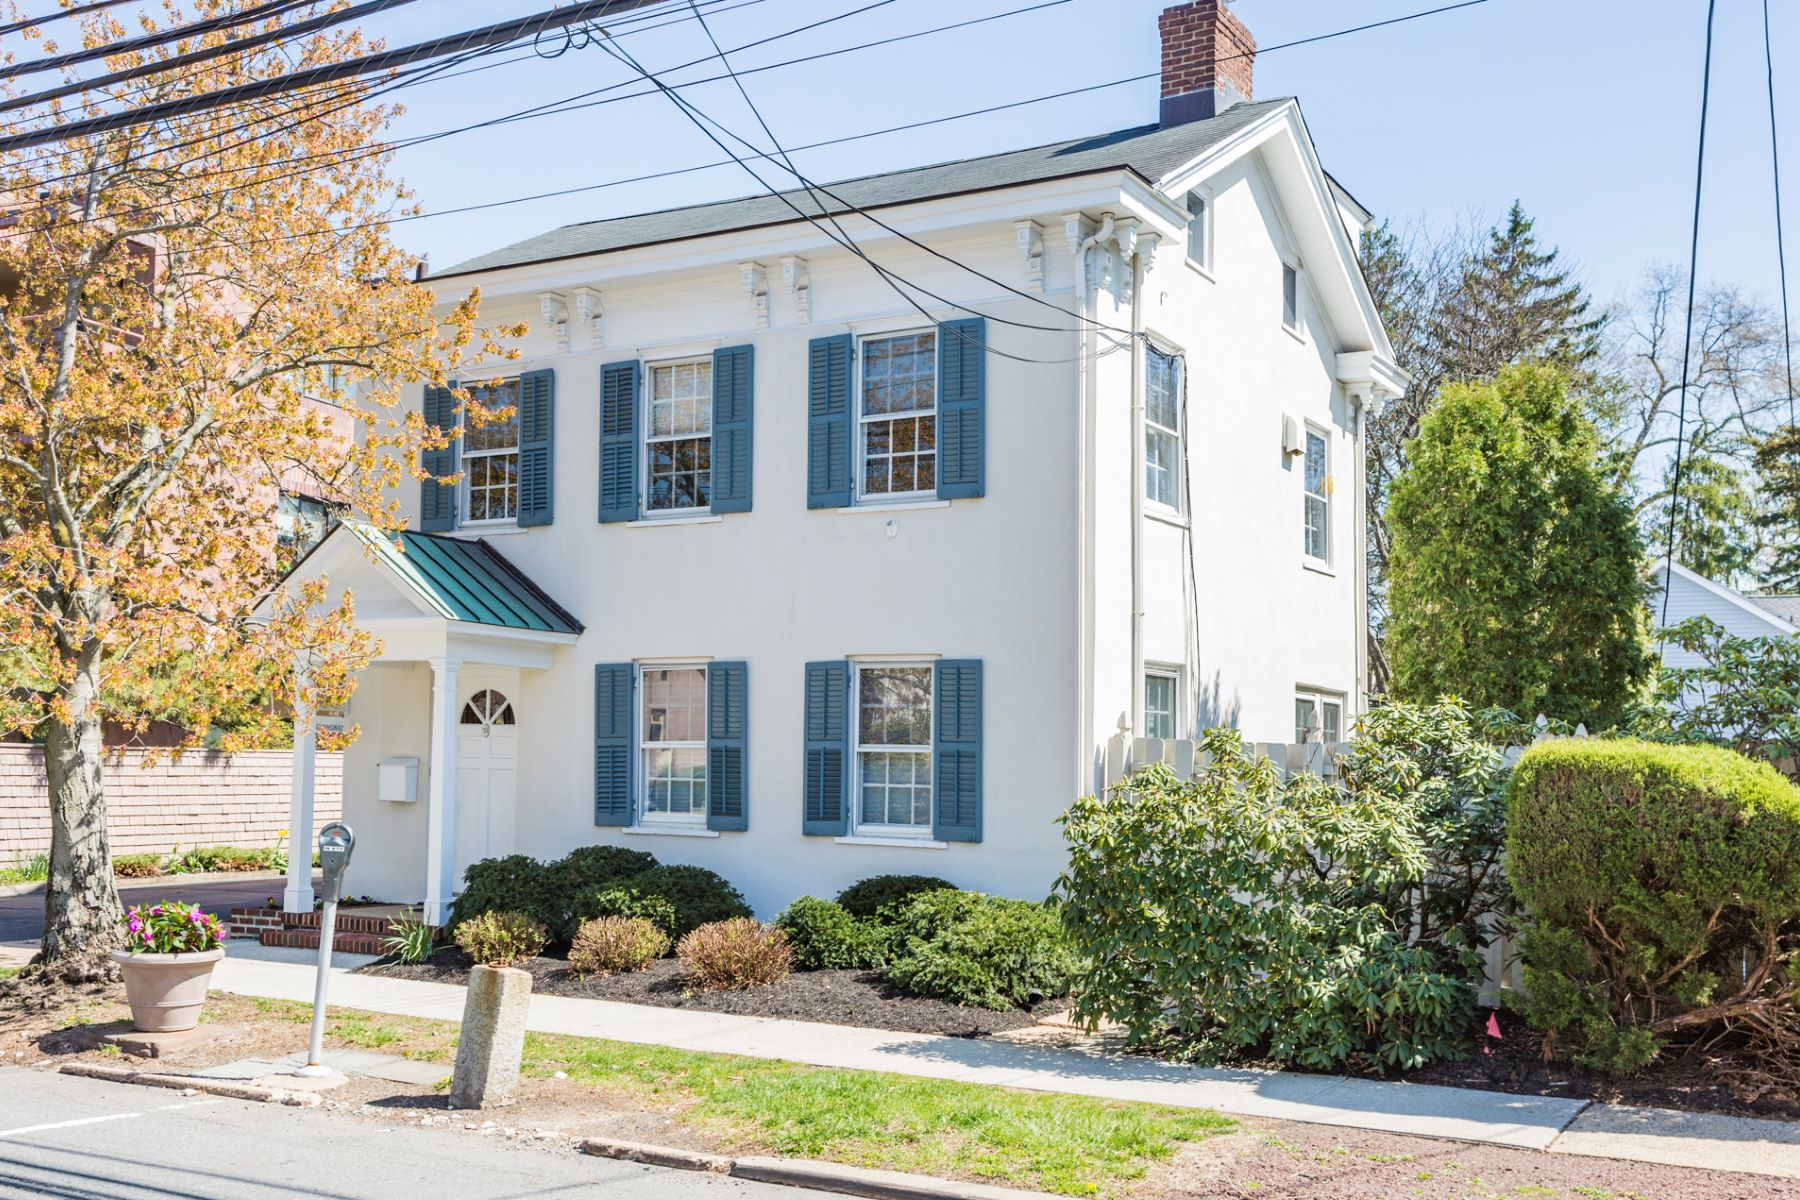 Nhà ở một gia đình vì Bán tại Work/Live with Beautiful Flexibility in Town 361 Nassau Street Princeton, New Jersey, 08540 Hoa Kỳ